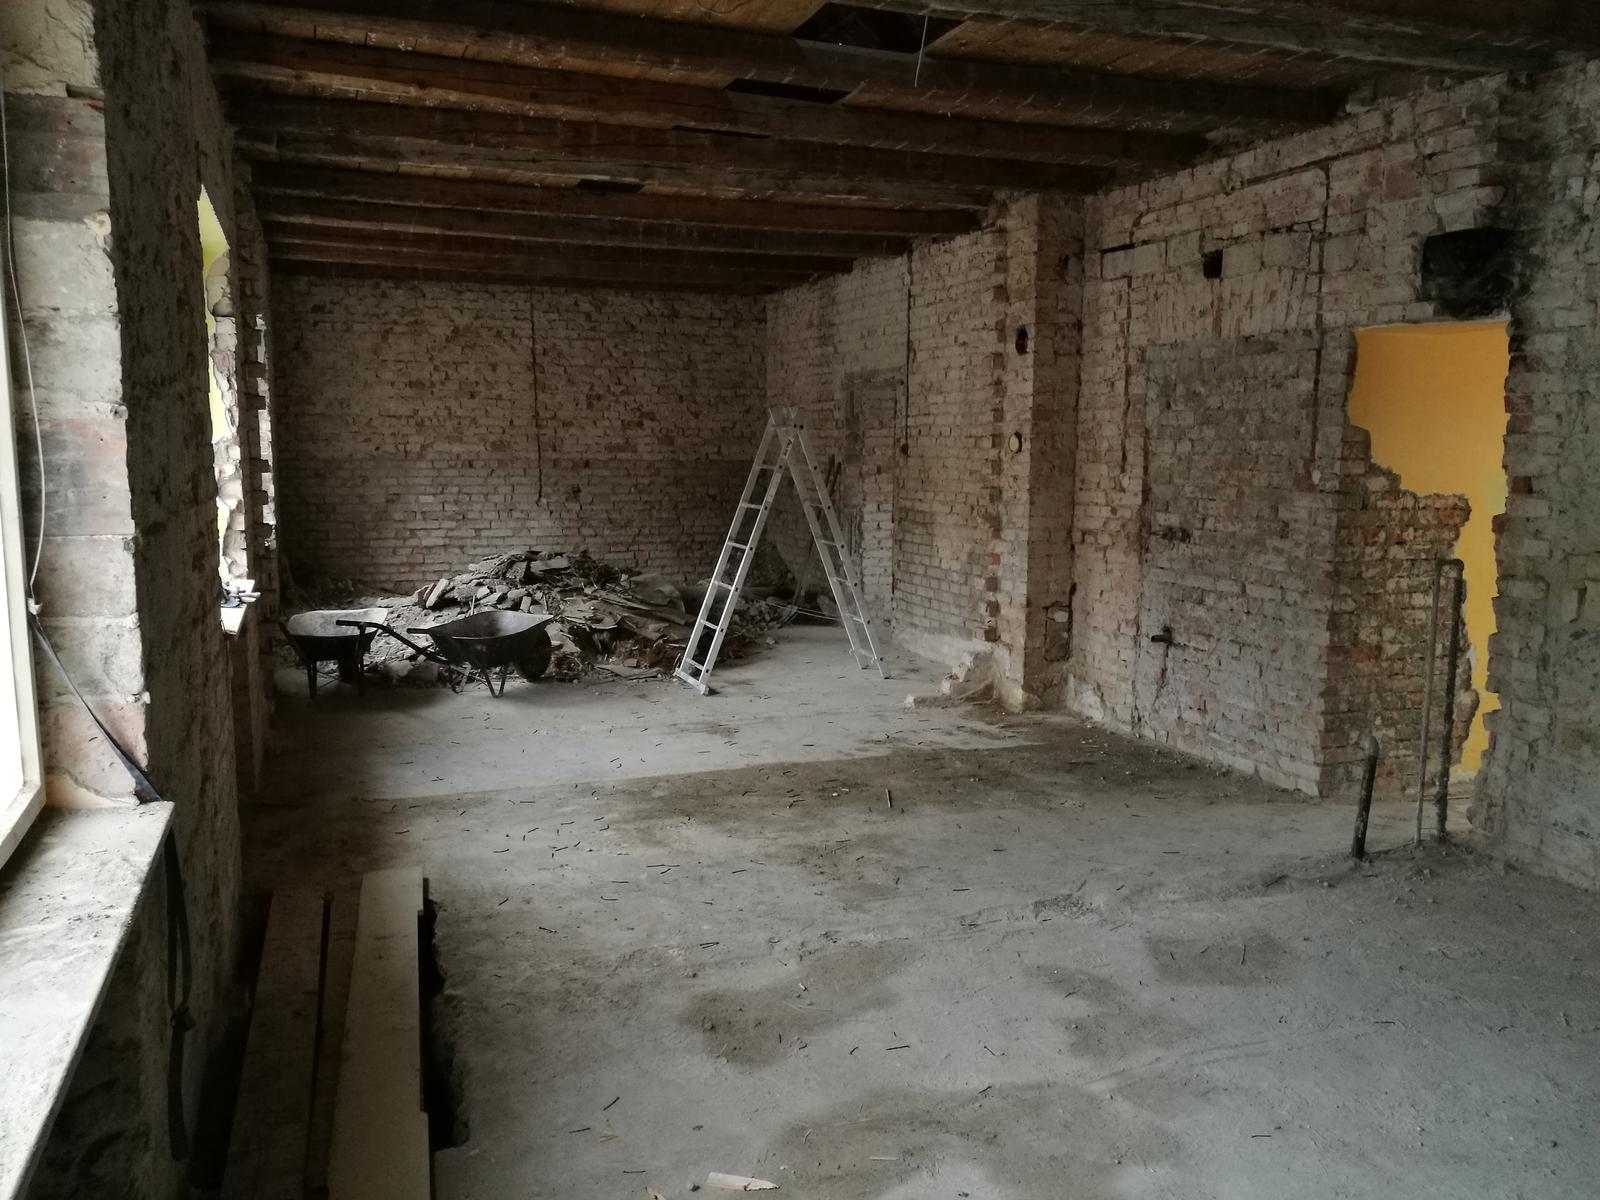 Náš budúci domov - rekonštrukcia rodinného domu - Výsledok po dvoch kontajneroch, objednávamé ďalší...